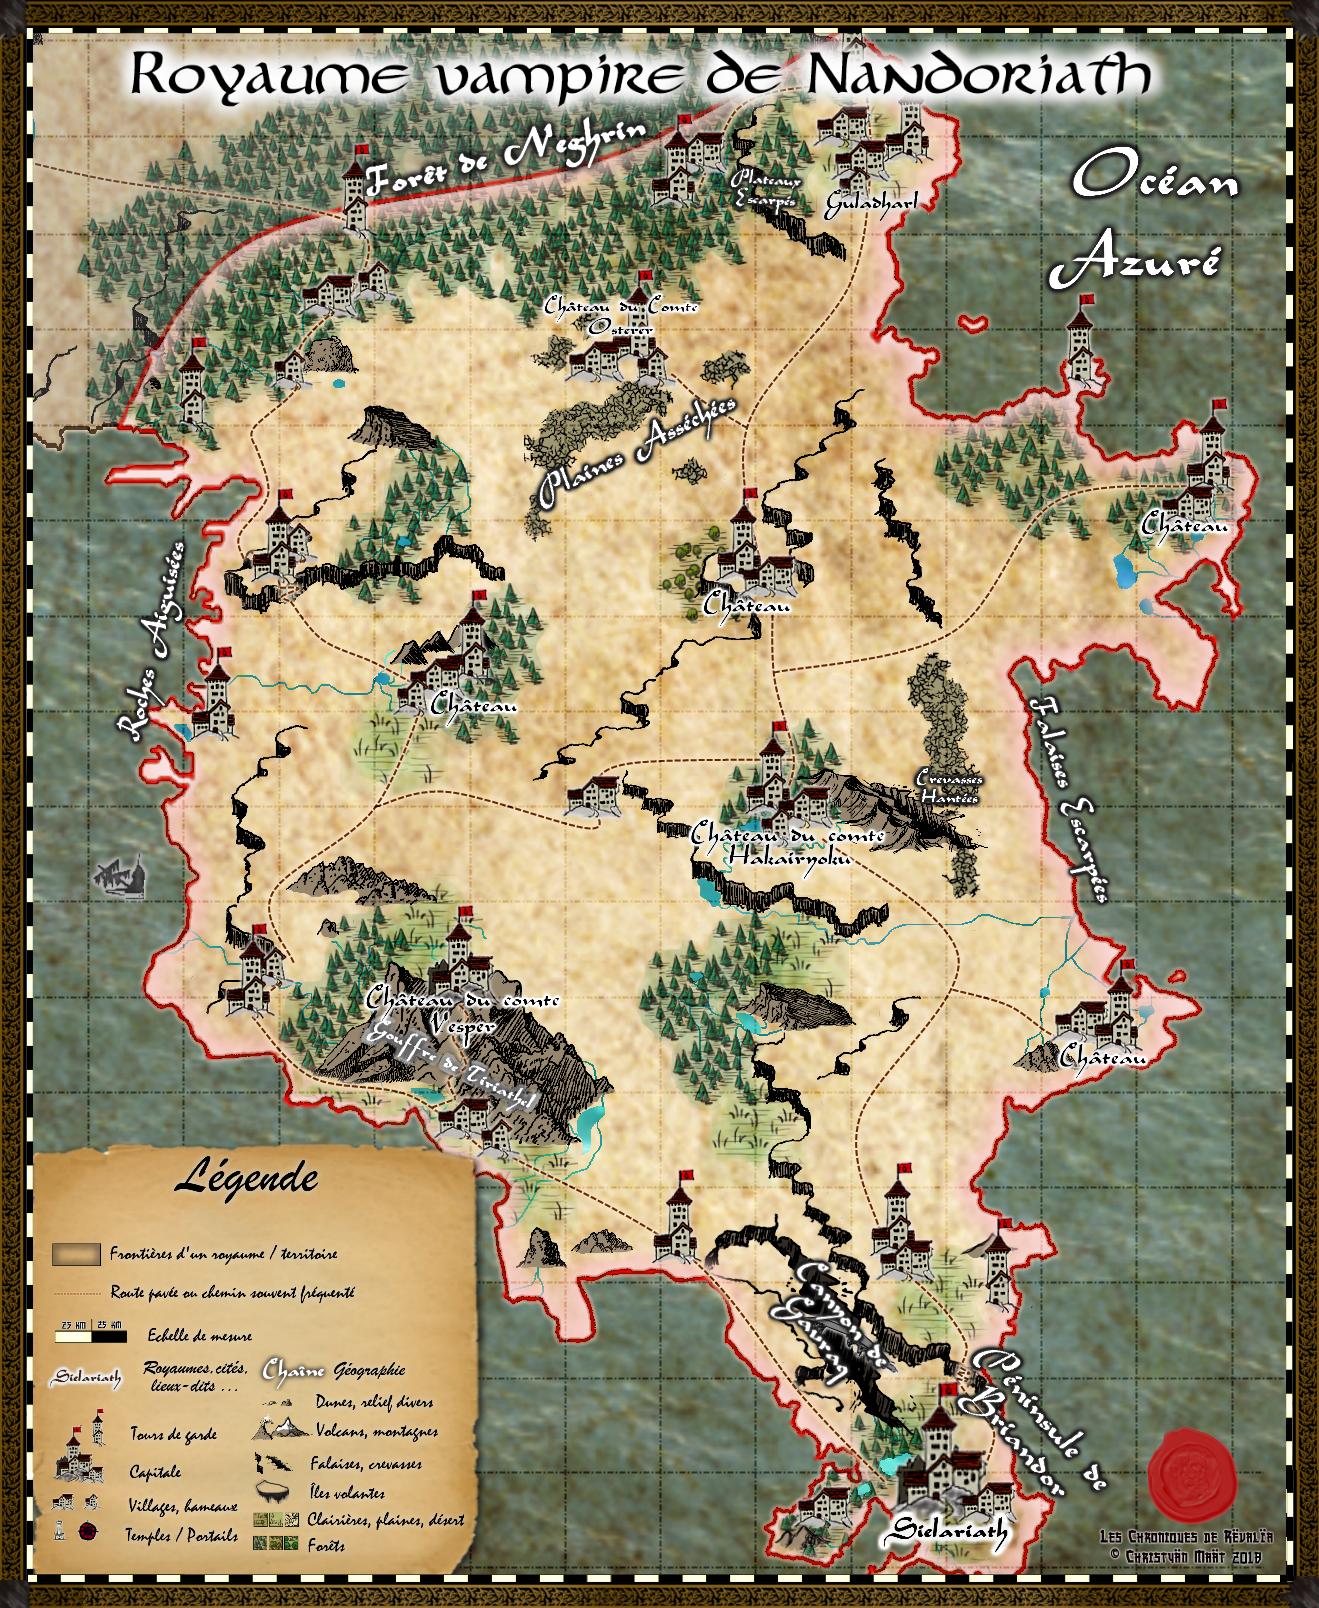 Carte du royaume de Nandoriath 18091312450823817215890047